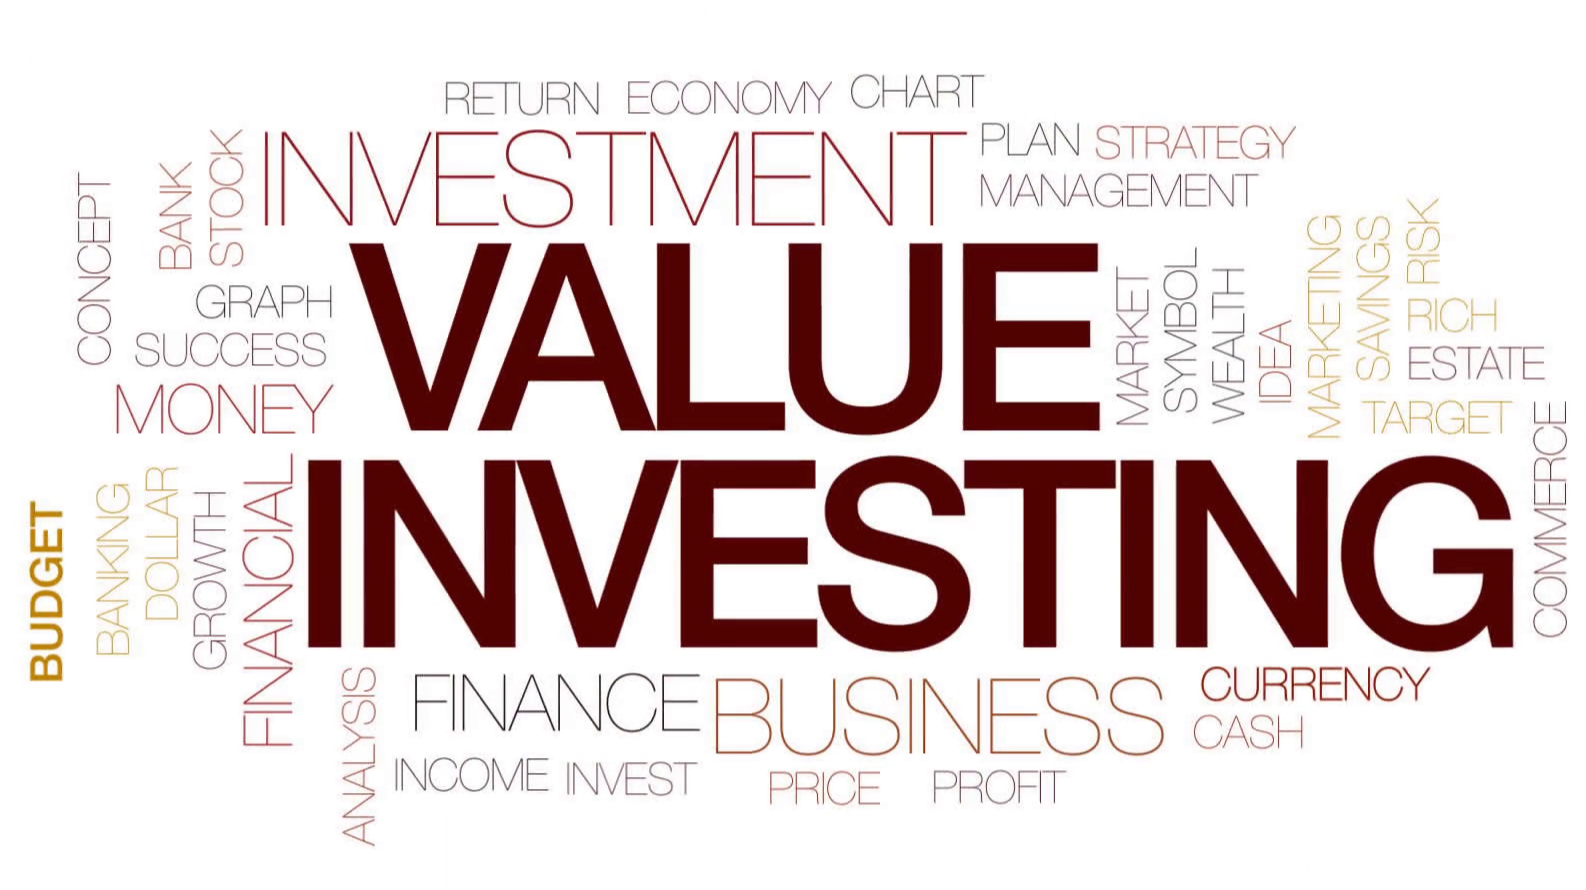 Large Cap Value Investing...BTC, ETH, DOT, ADA